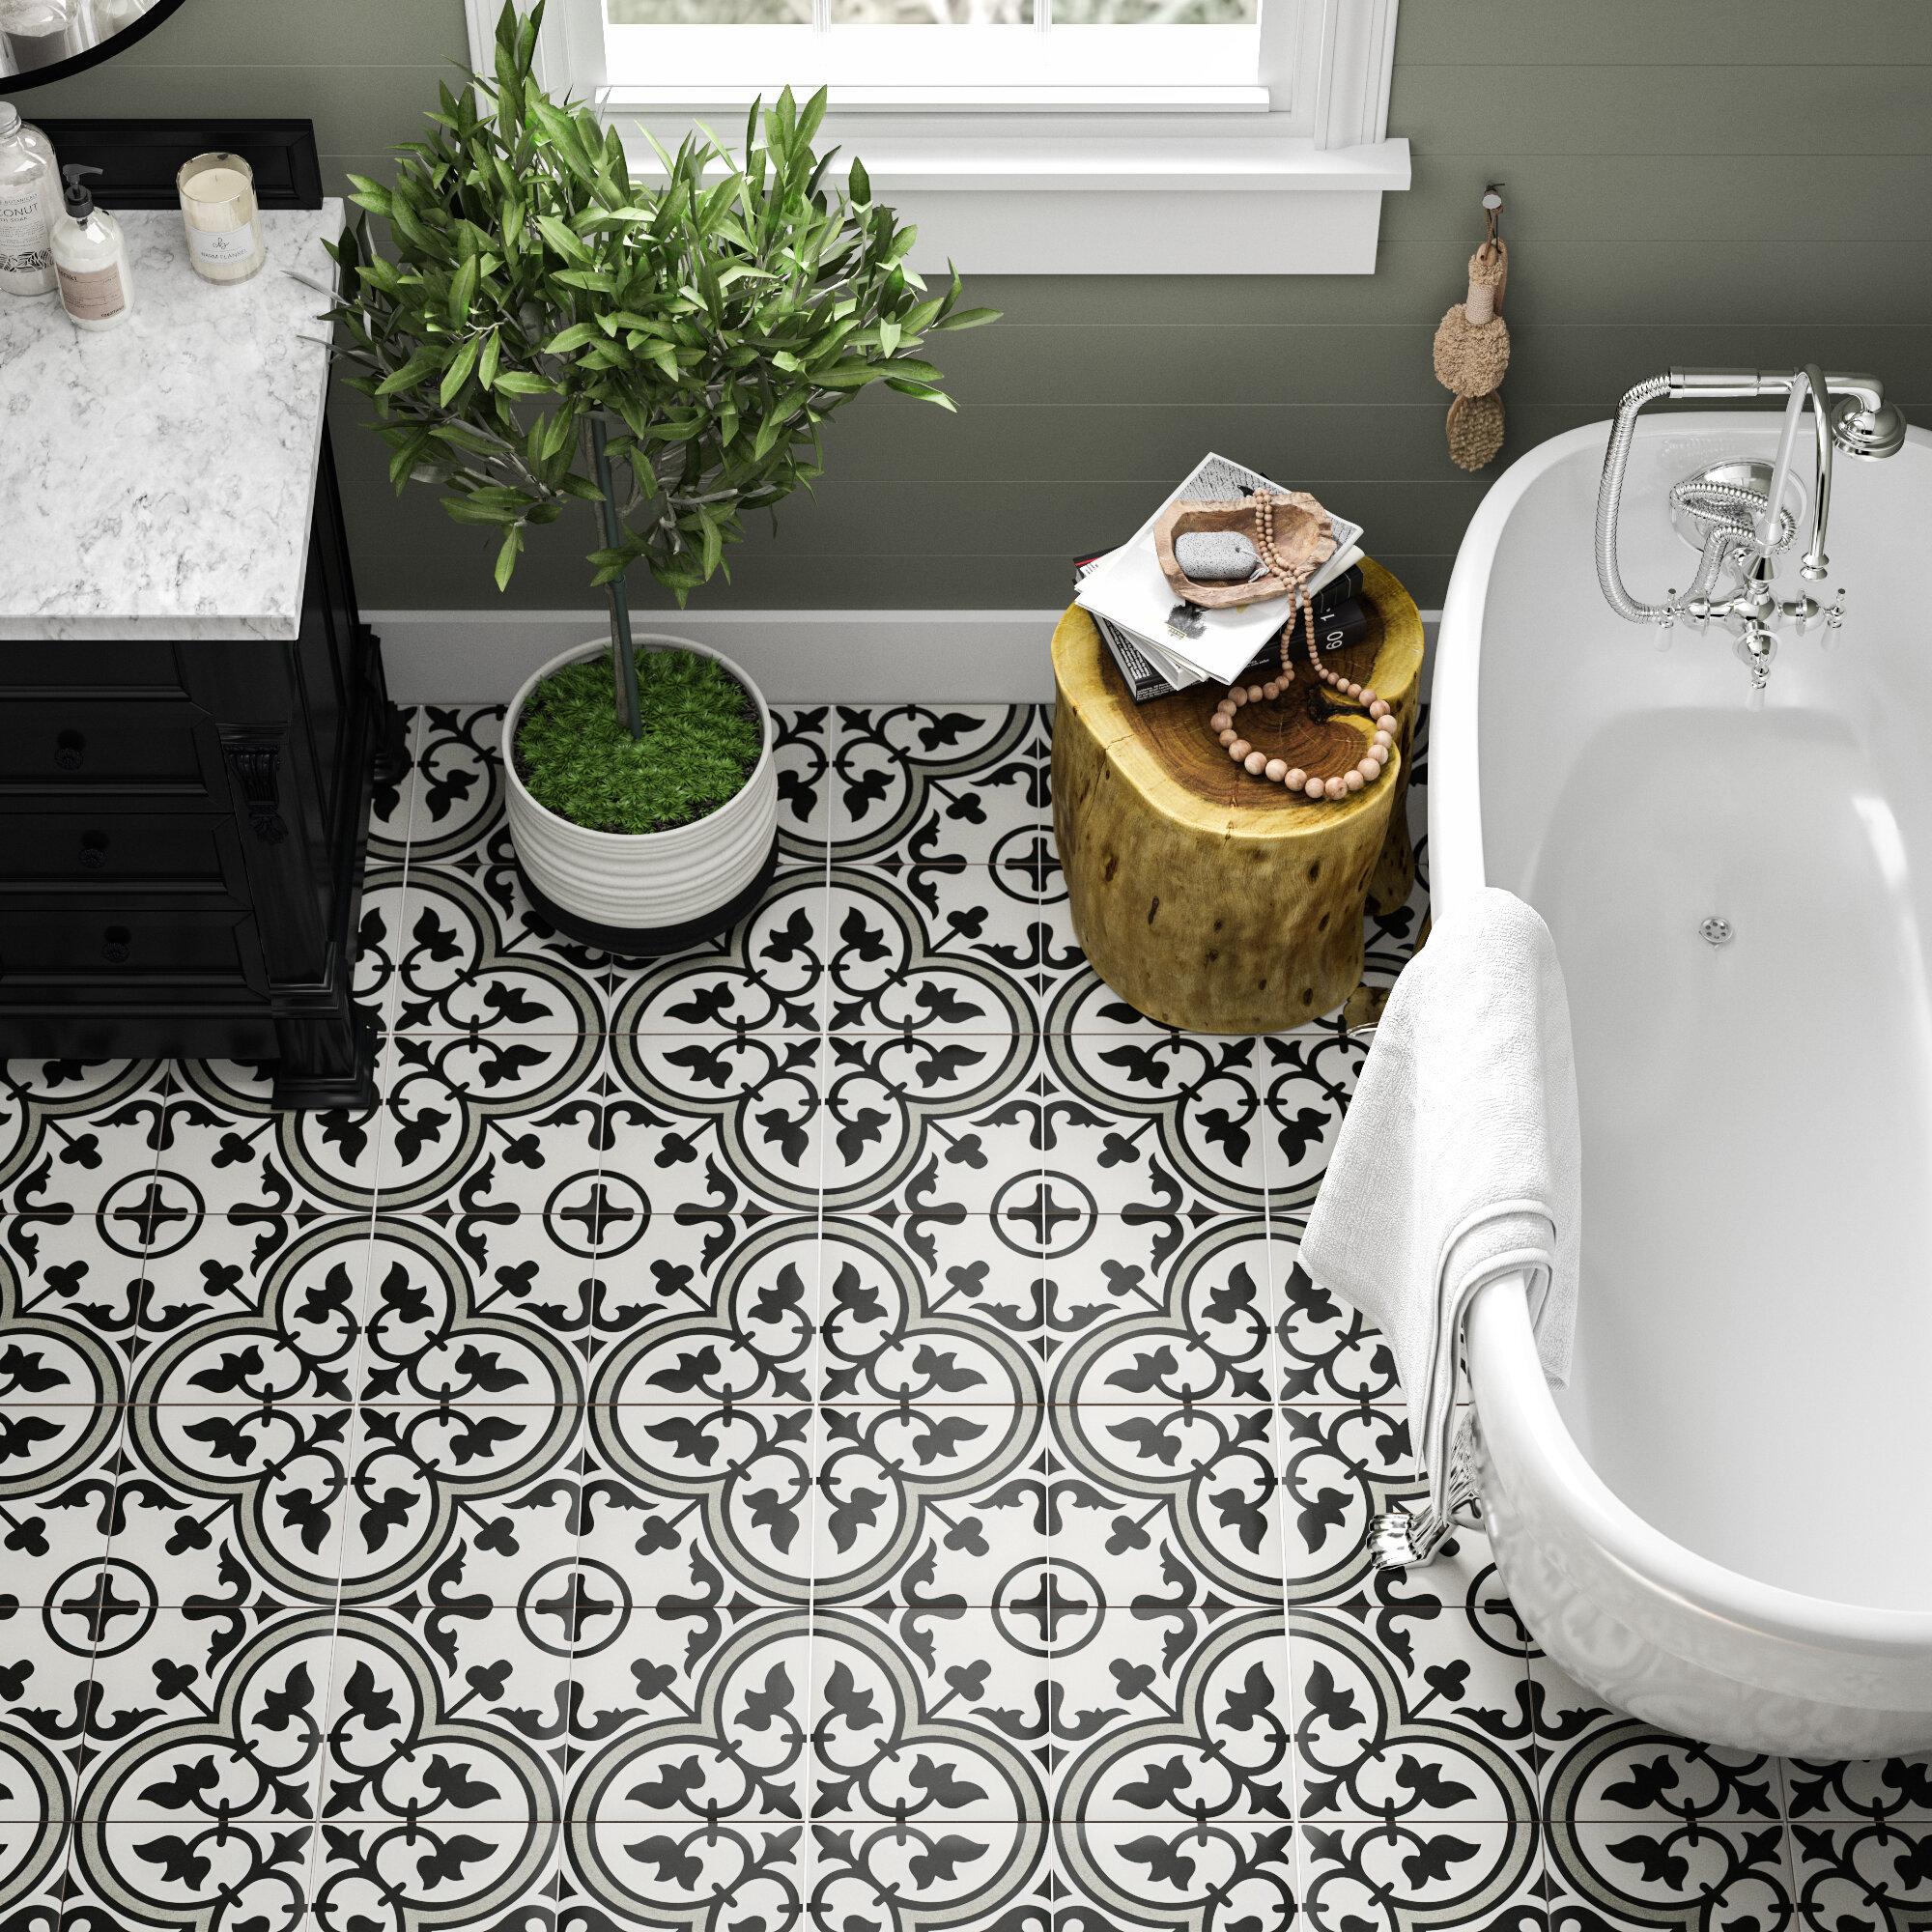 Floor Tiles Wall Tiles You Ll Love In 2021 Wayfair